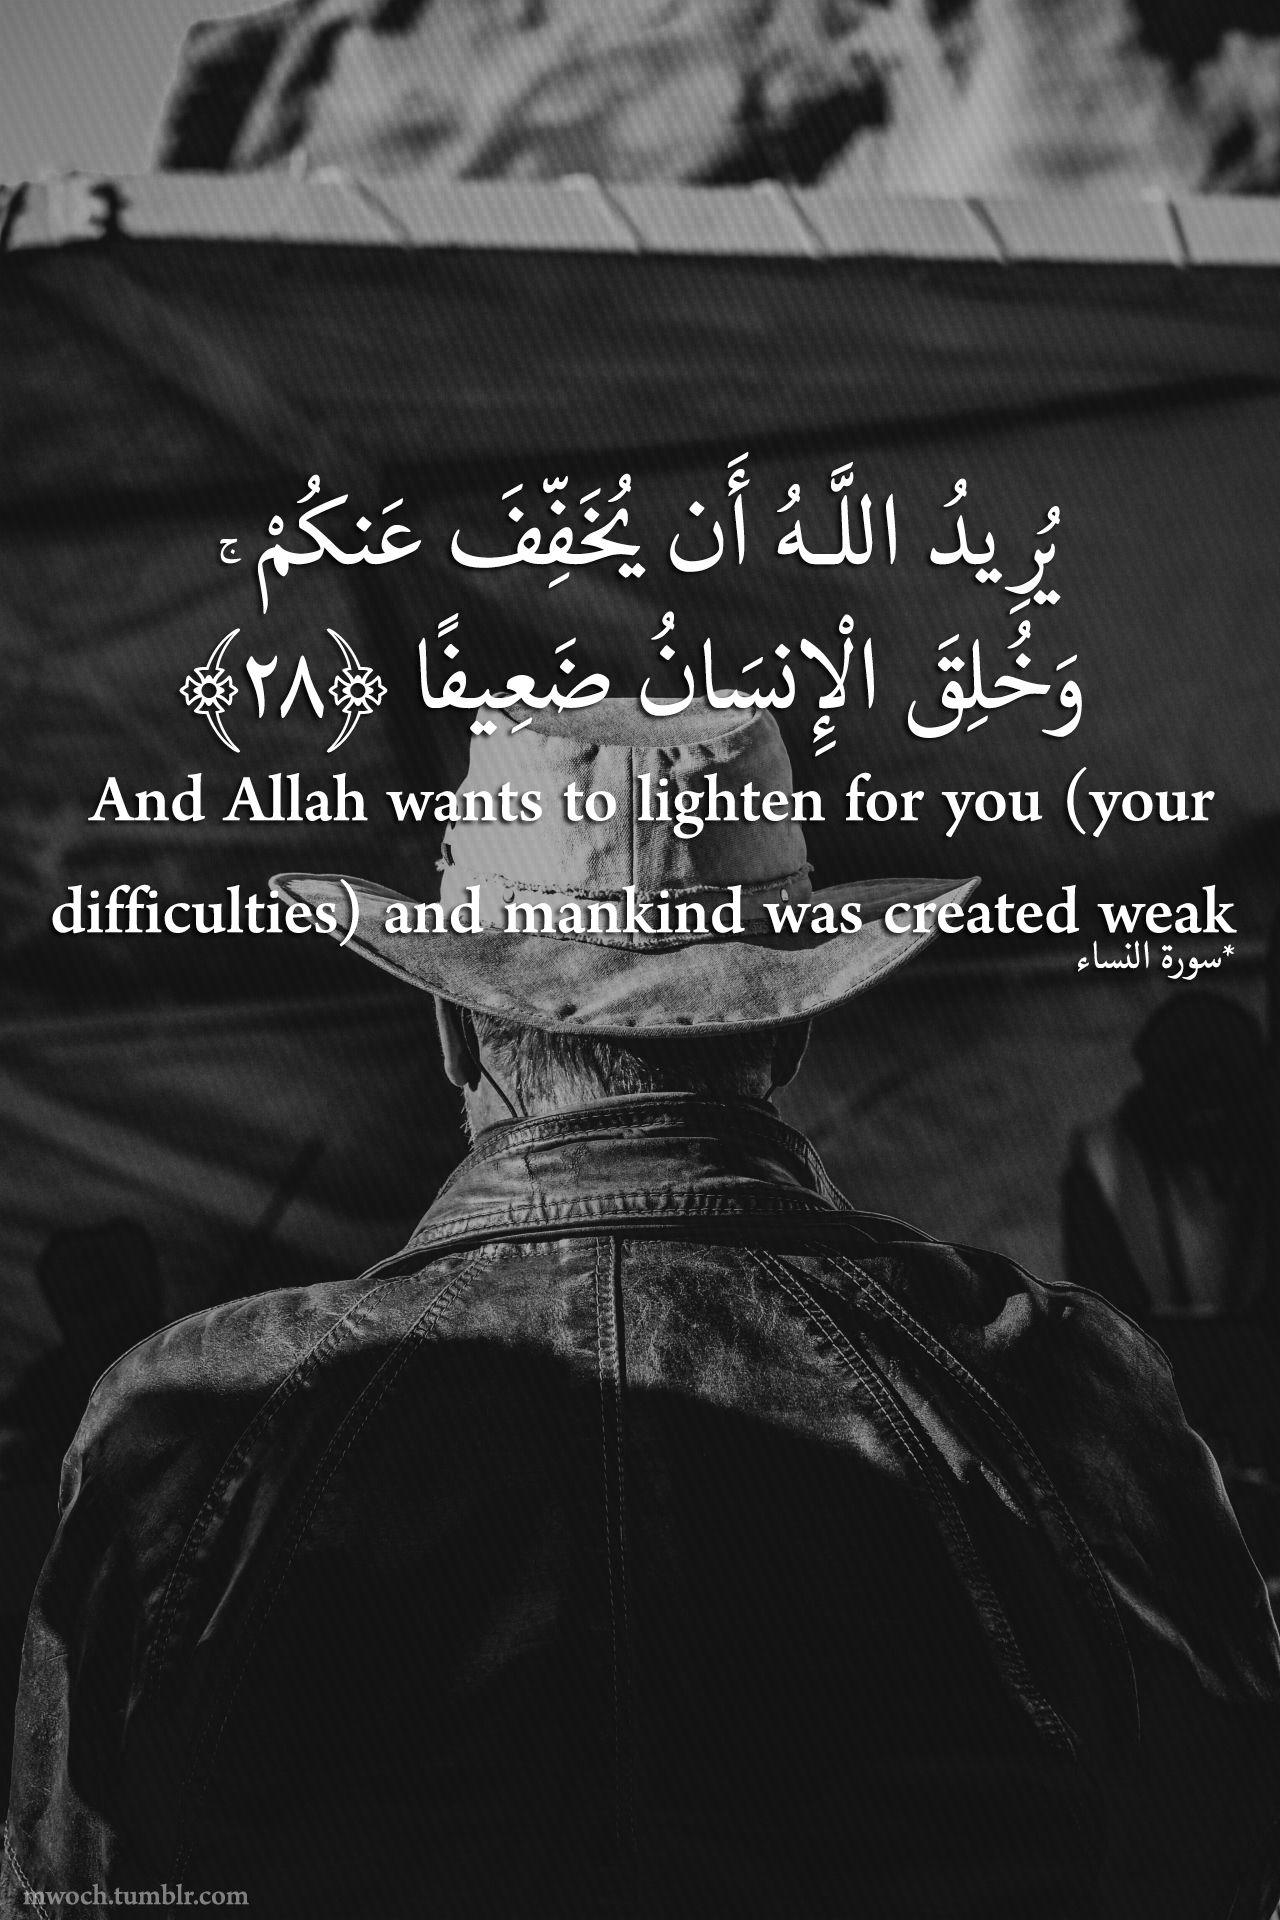 سقسقه Quran 4 28 Quran Quotes Verses Quran Quotes Quran Verses